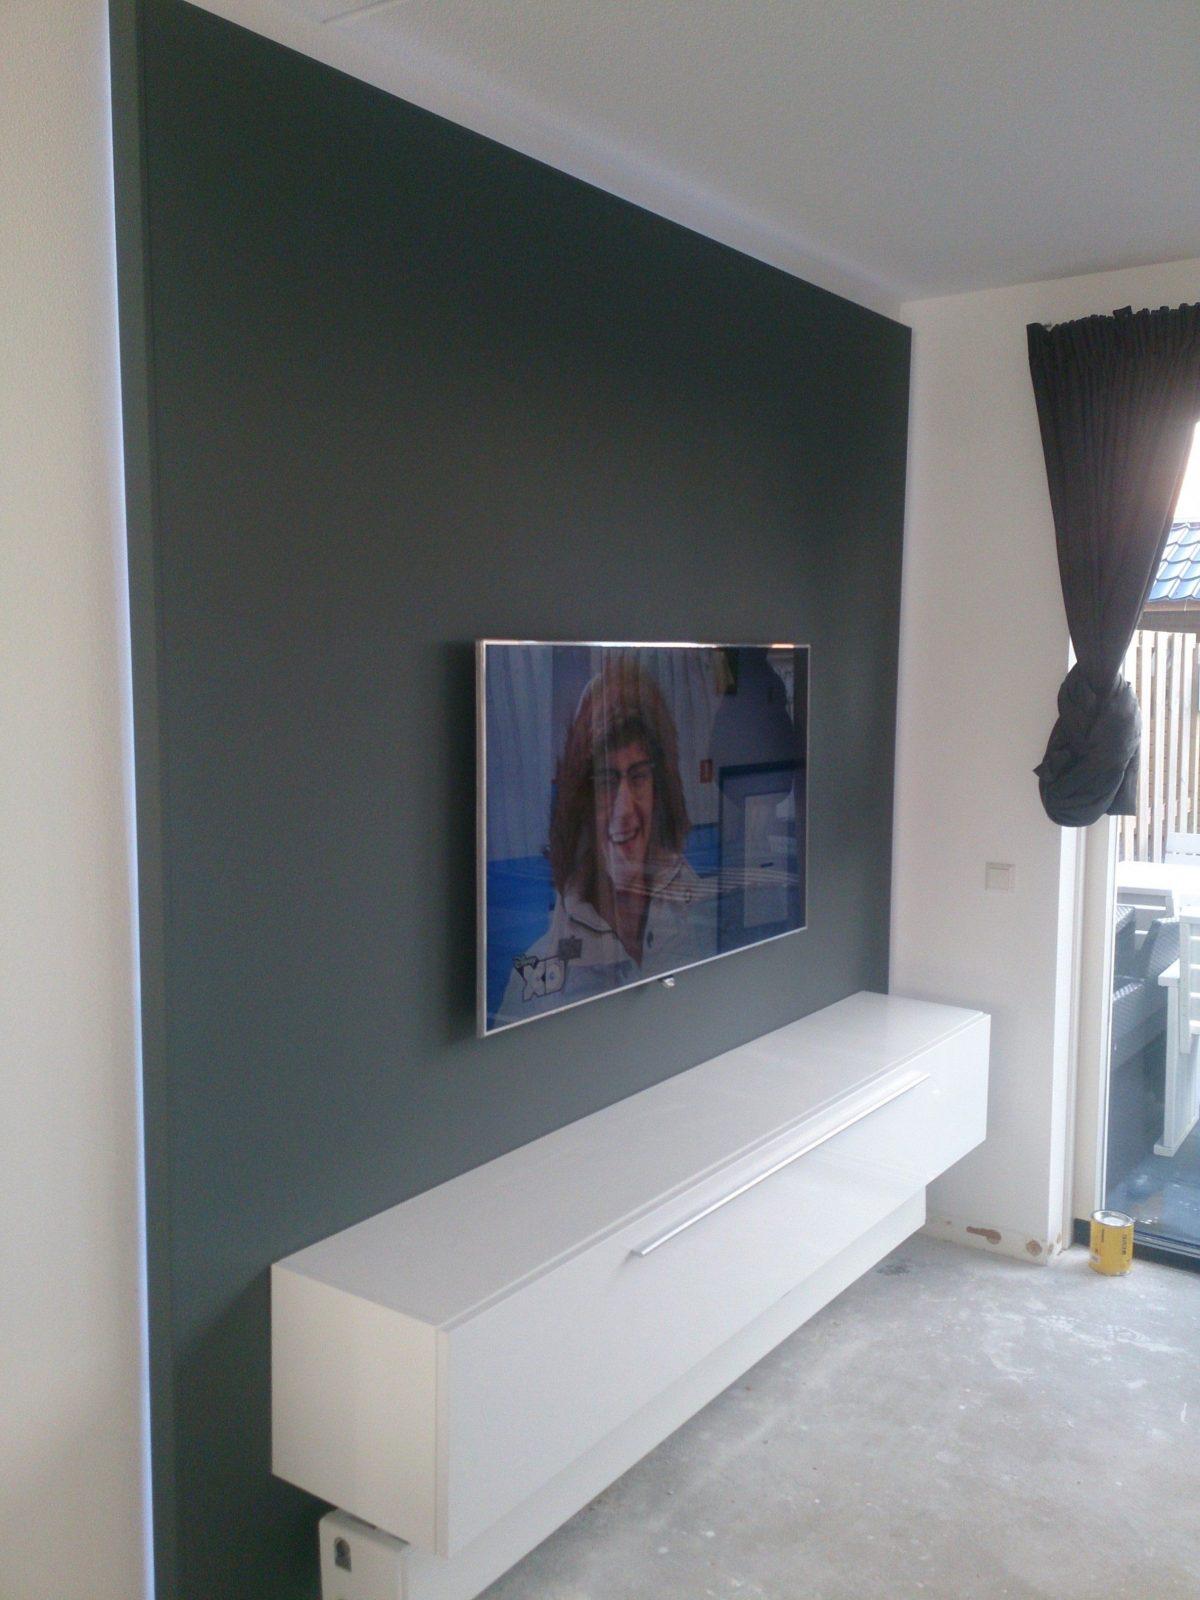 Beliebt Tv Wand Selber Bauen Ikea Zum Wandschrank Selber Bauen von Tv Wand Selber Bauen Ideen Photo